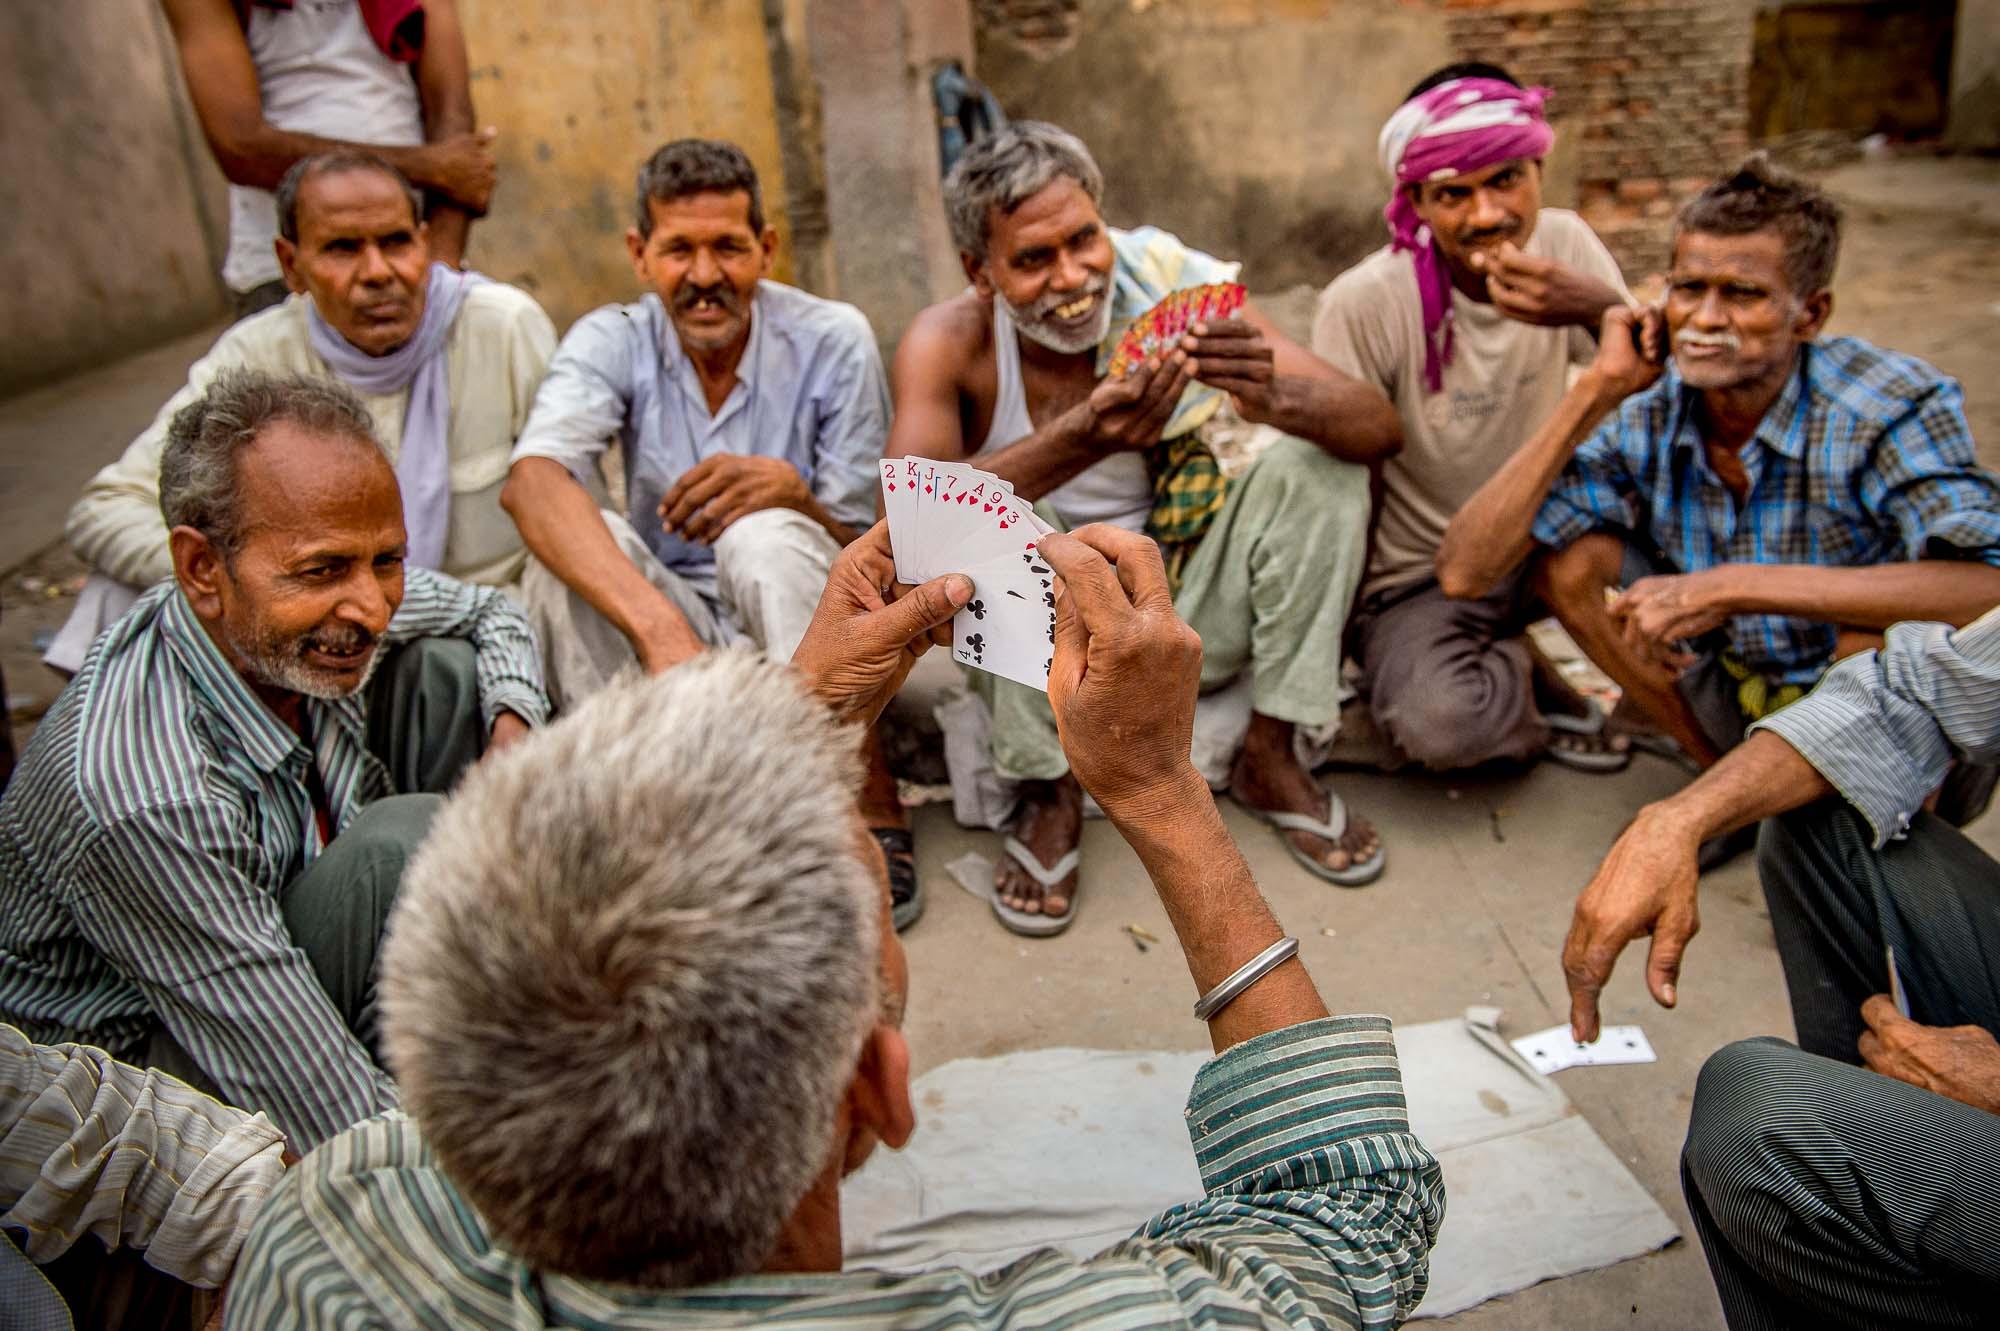 Reisefotografie - Indien - Weltspieltag